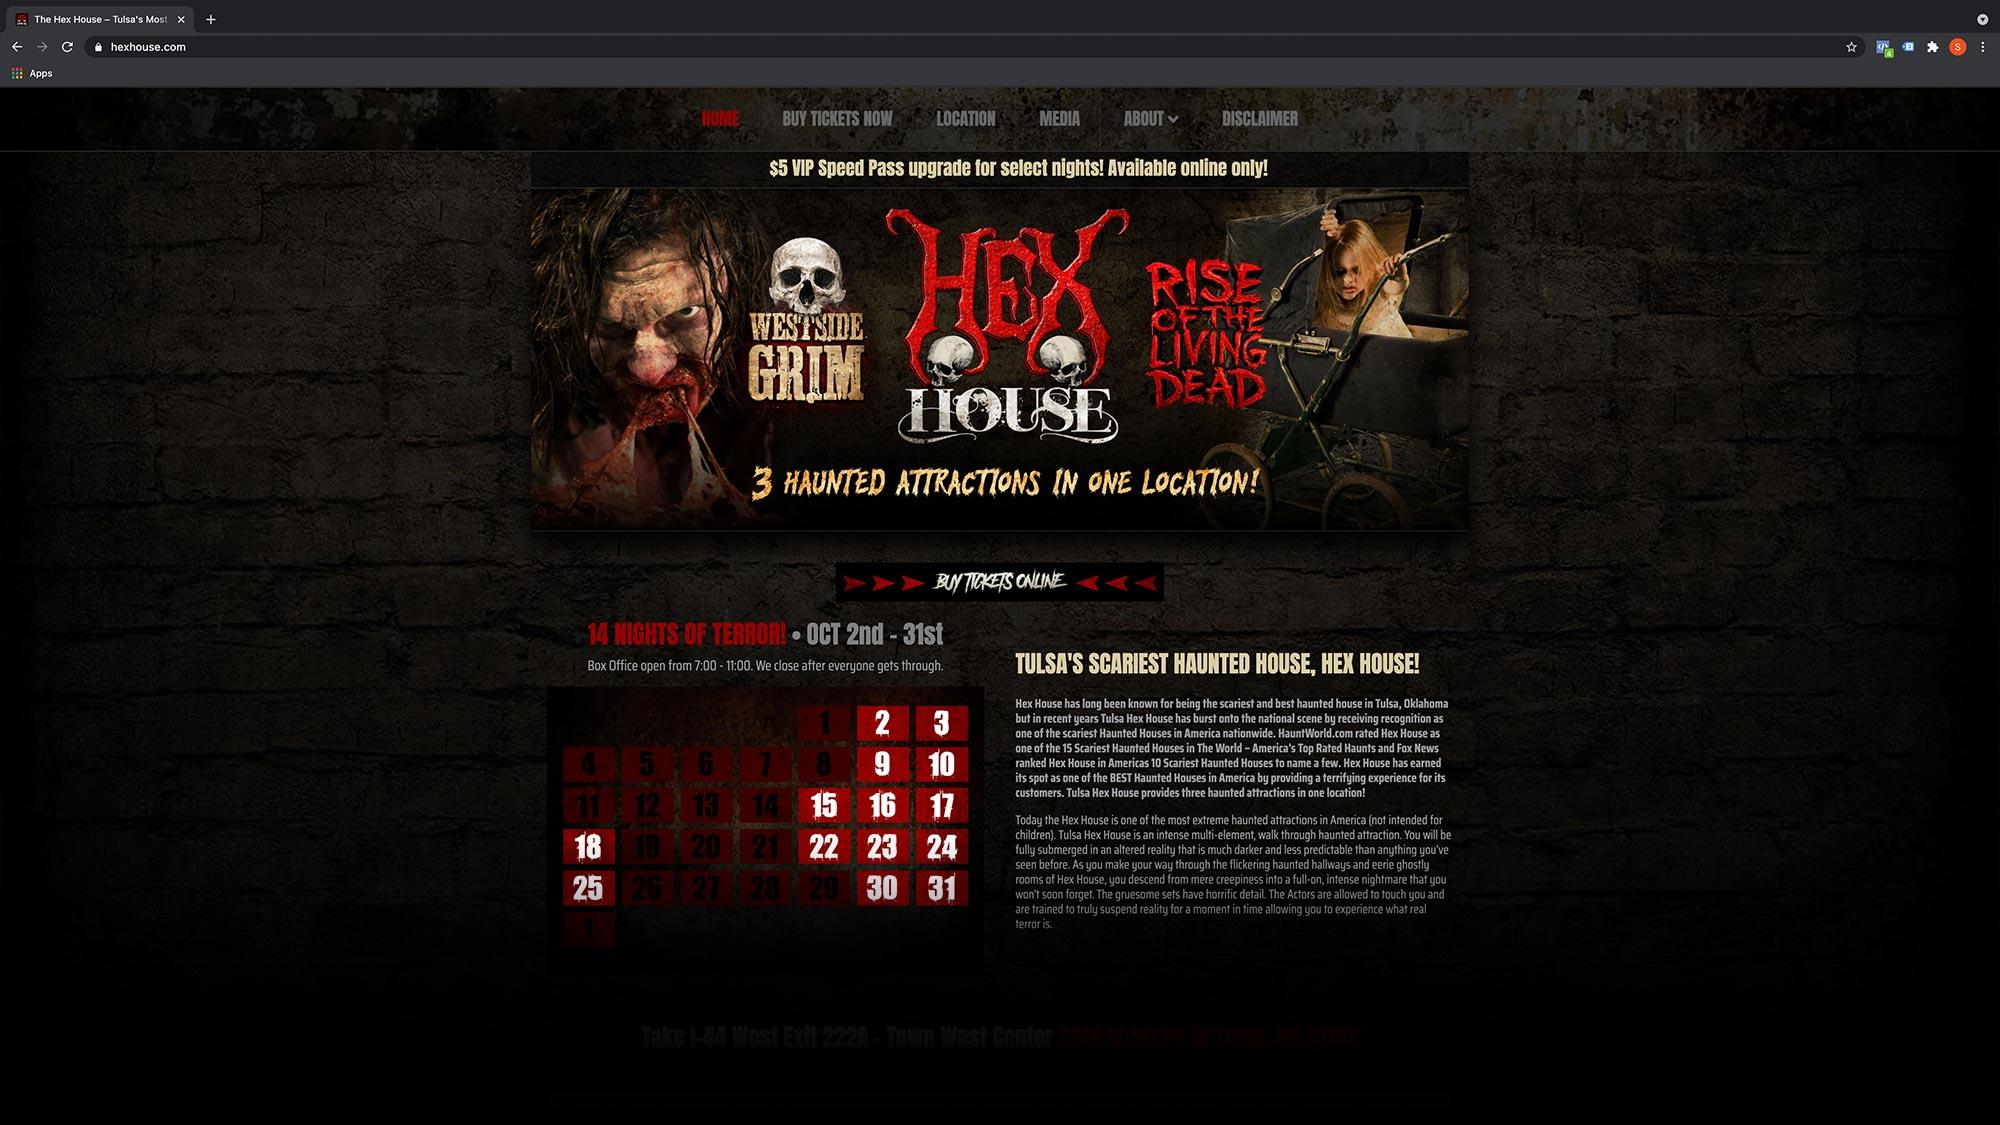 hexhouse.com